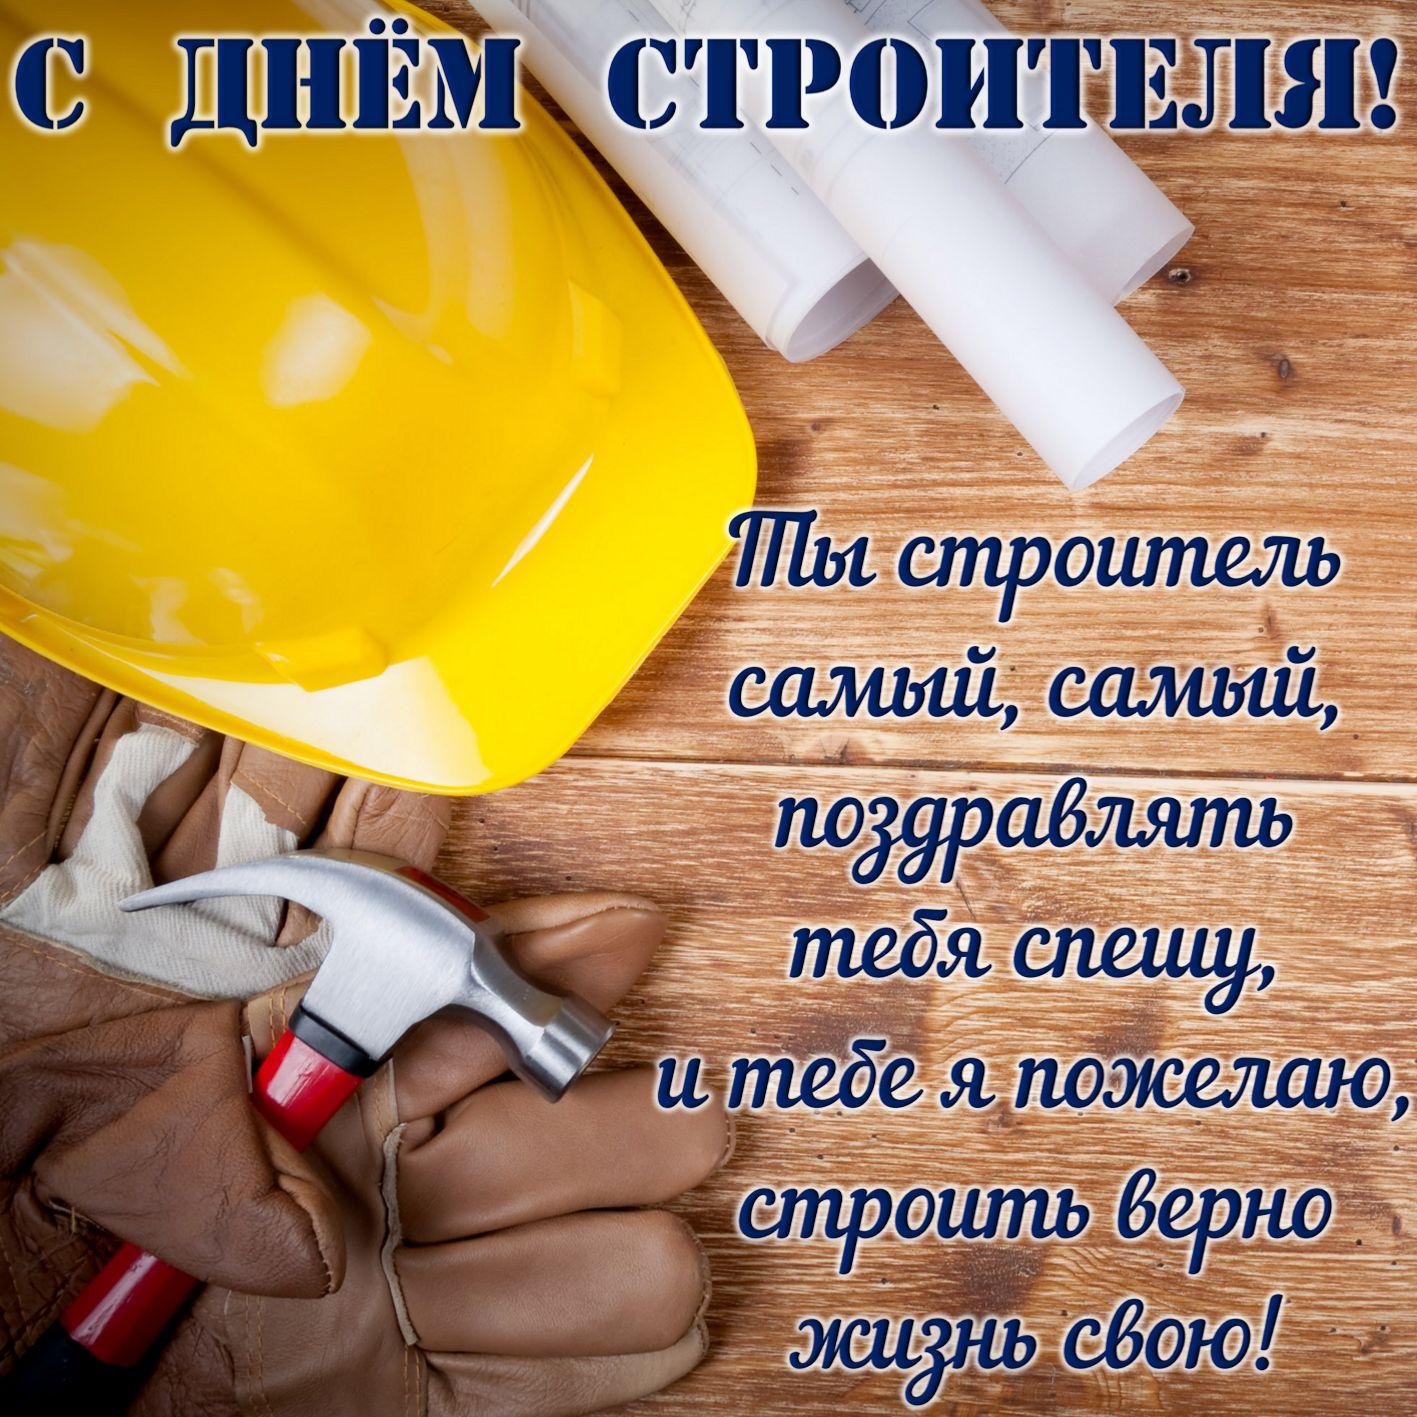 Поздравление с днем строителя рисунки